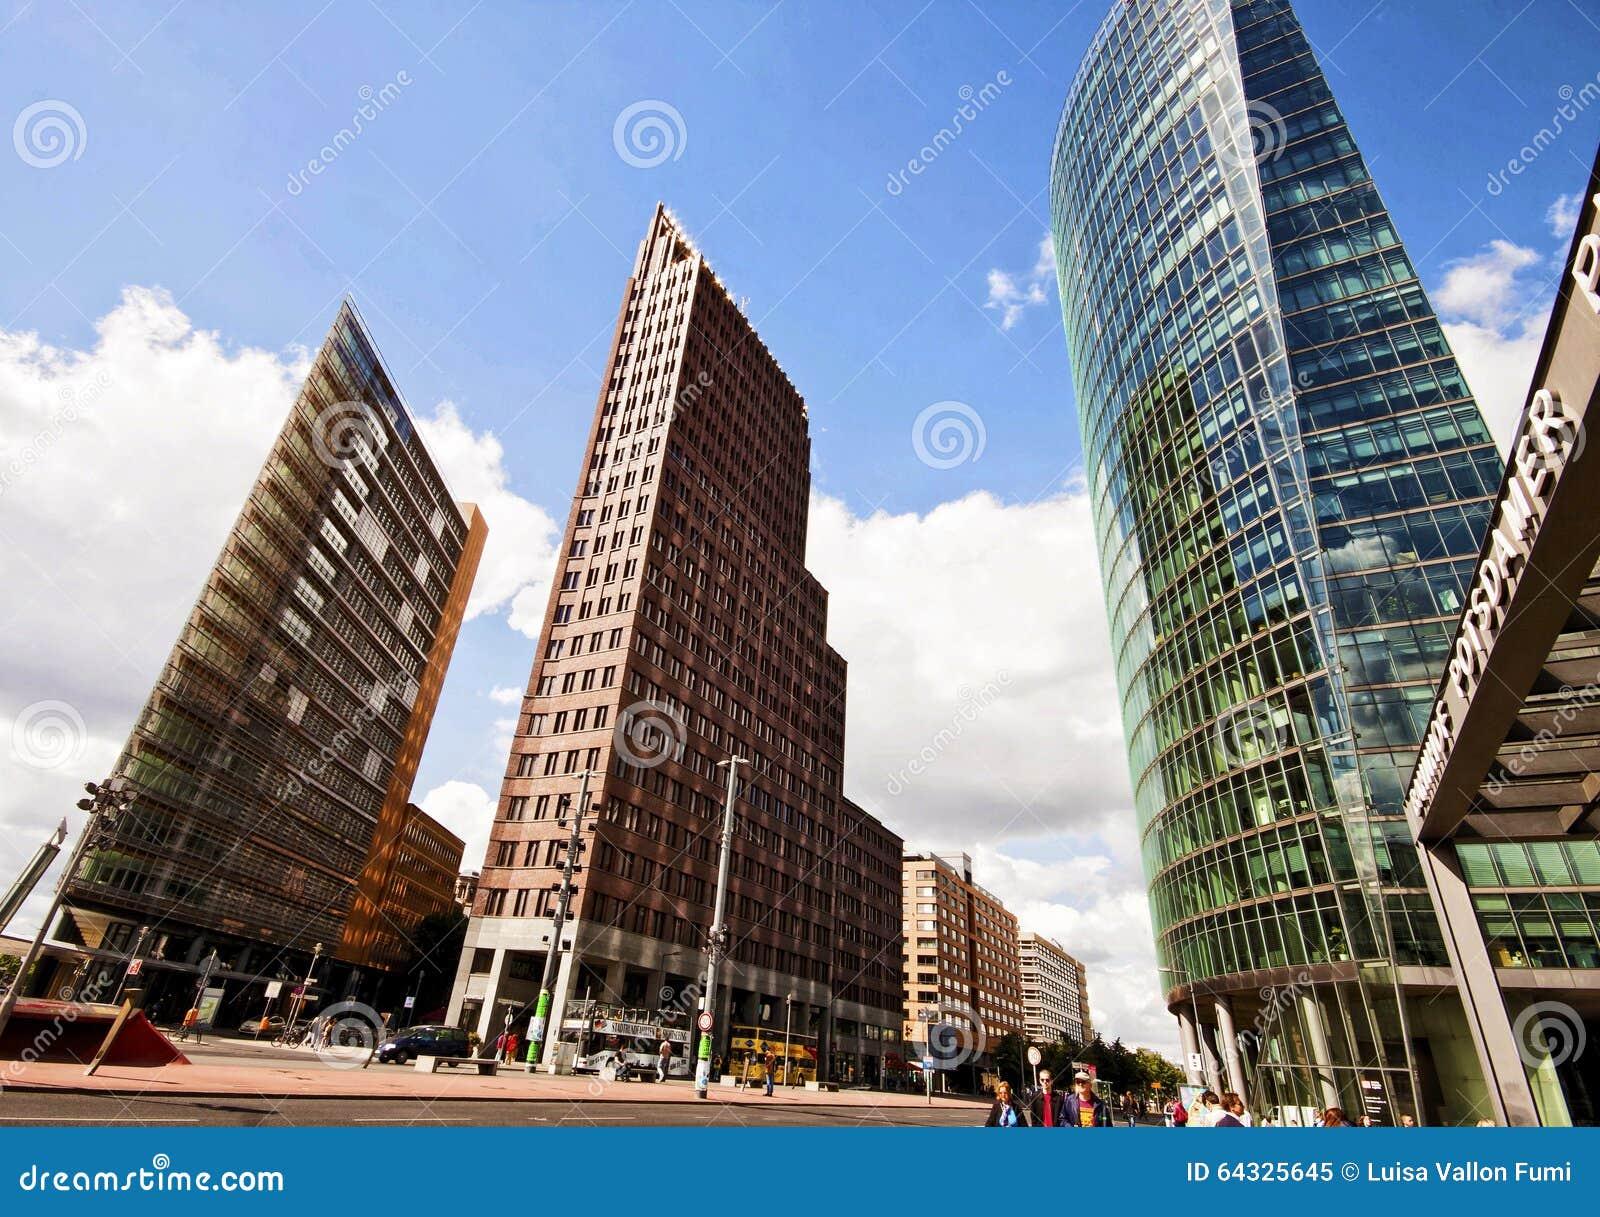 Futuristische Architektur Bei Potsdamer Platz In Berlin Niedrige